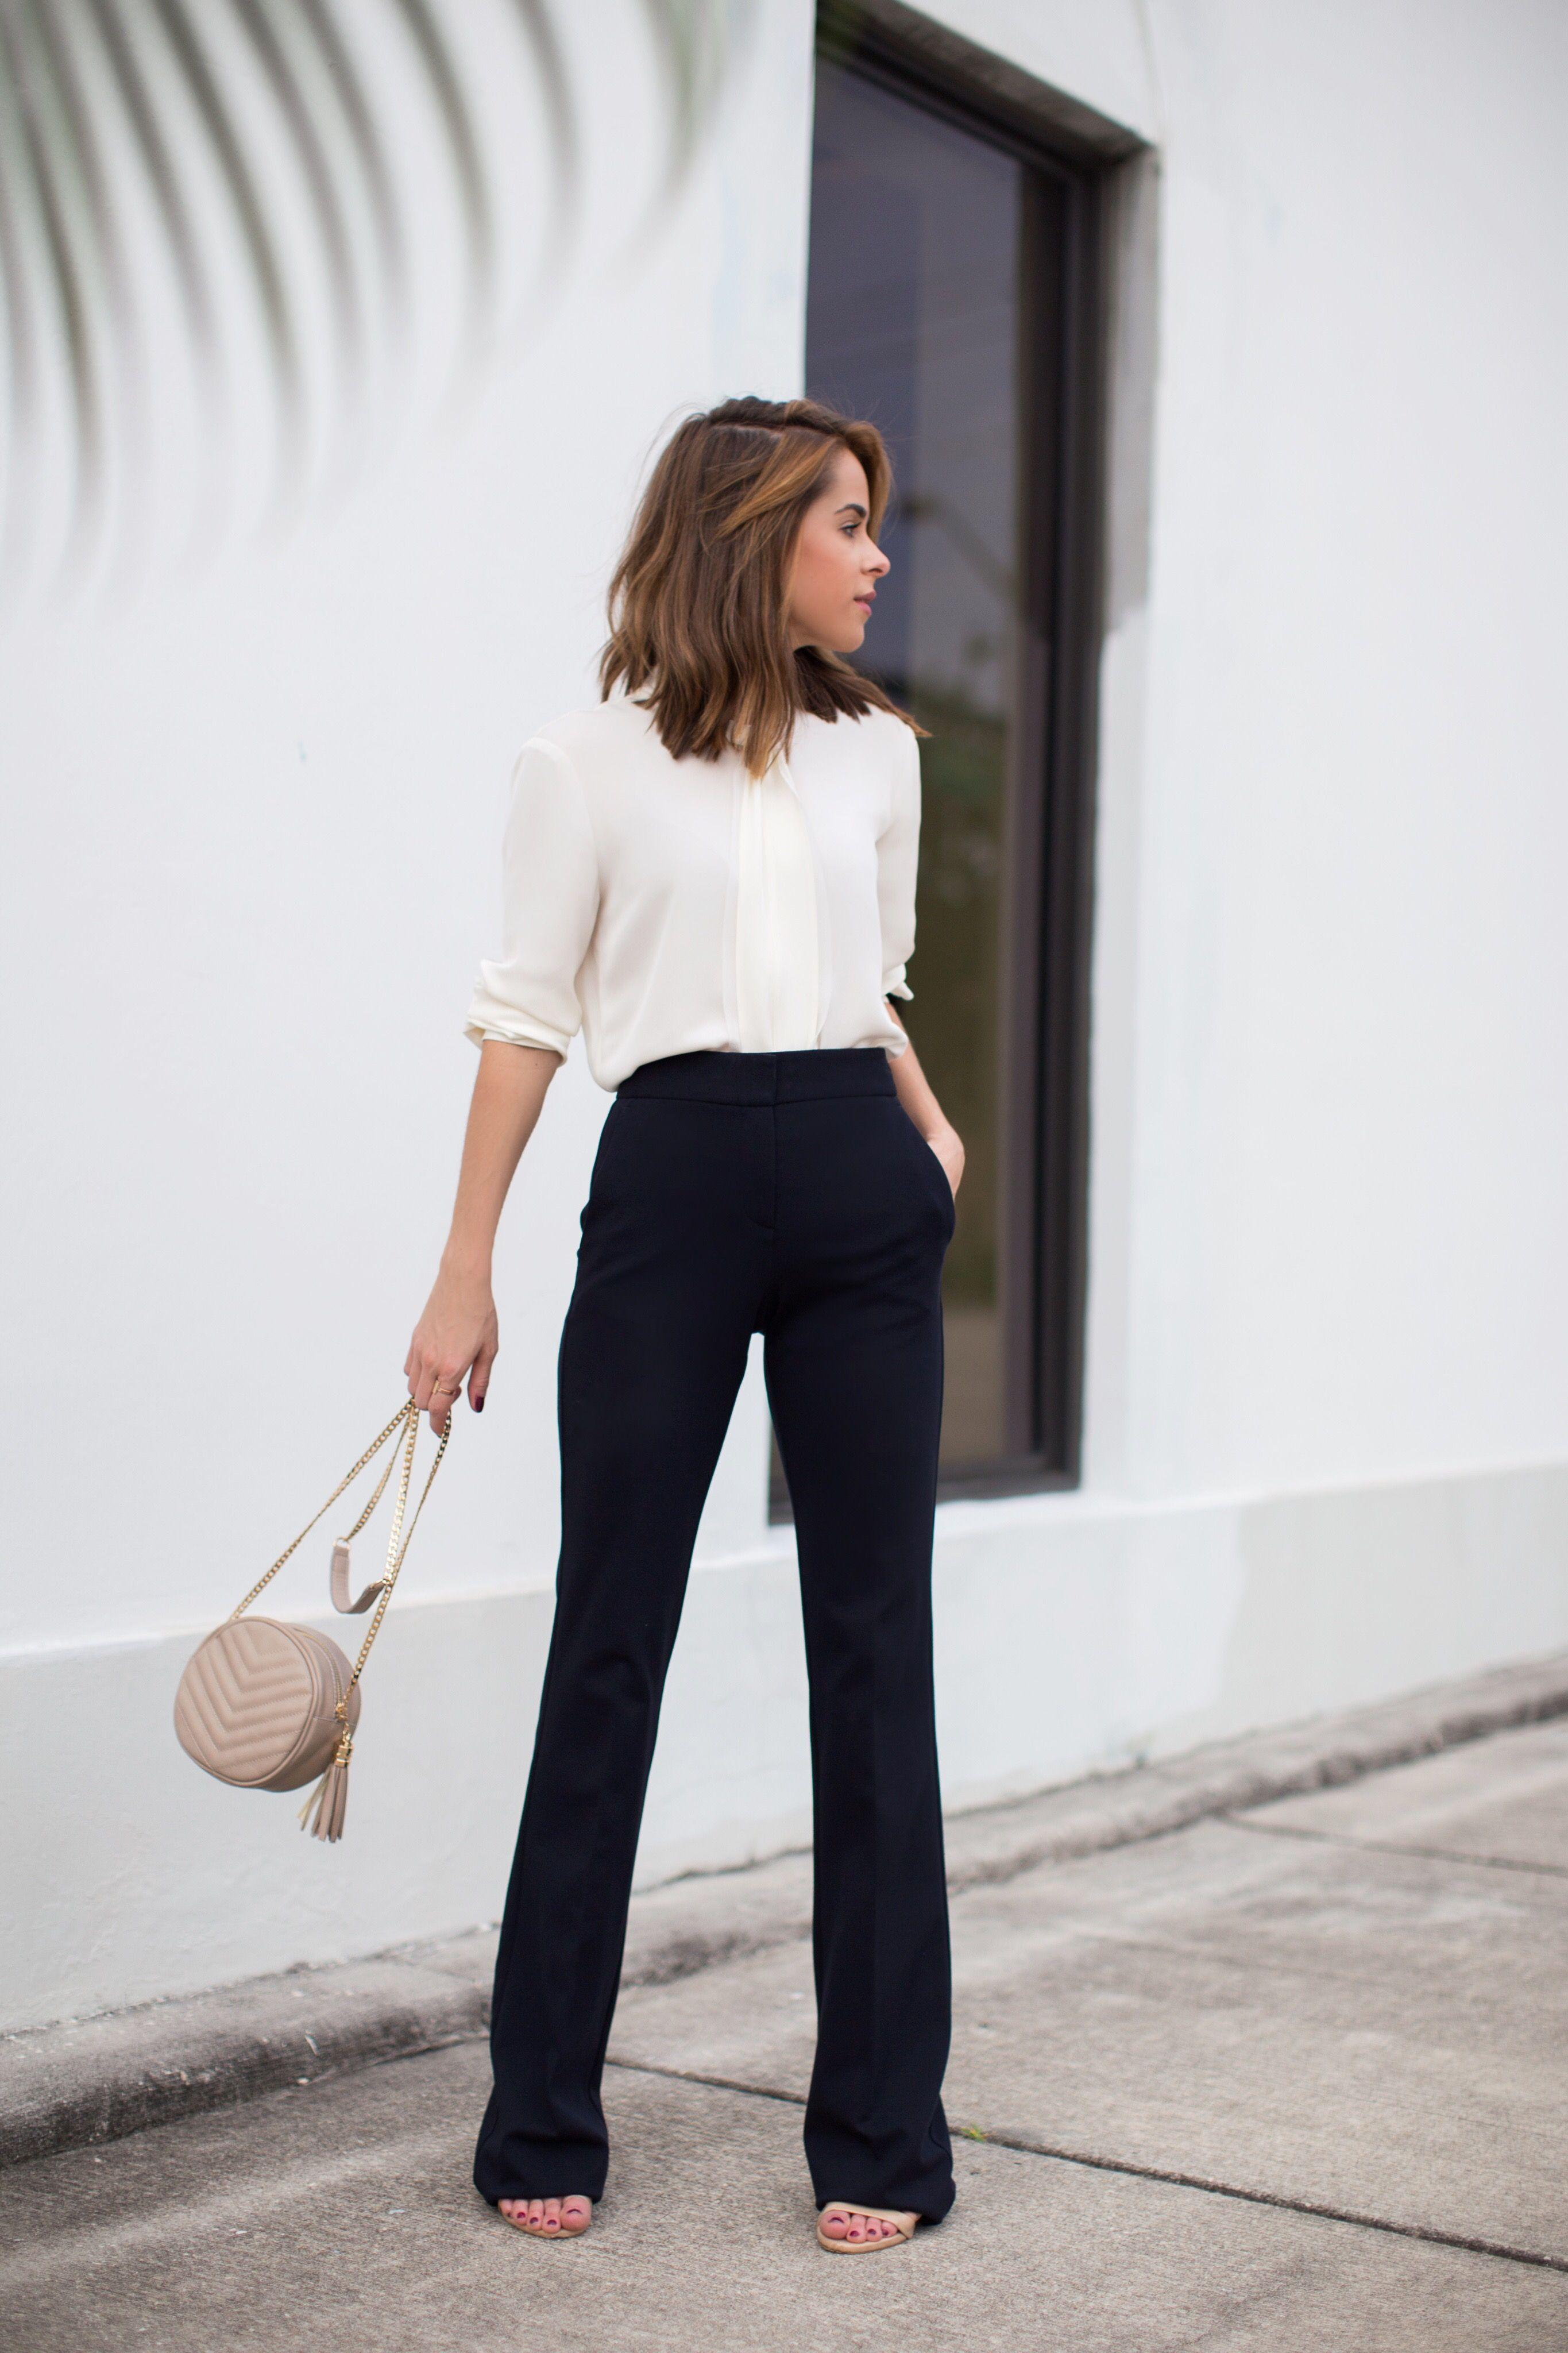 Favoriete Zwarte wide leg broek met witte blouse en zwarte hakken | Kleding #UN19